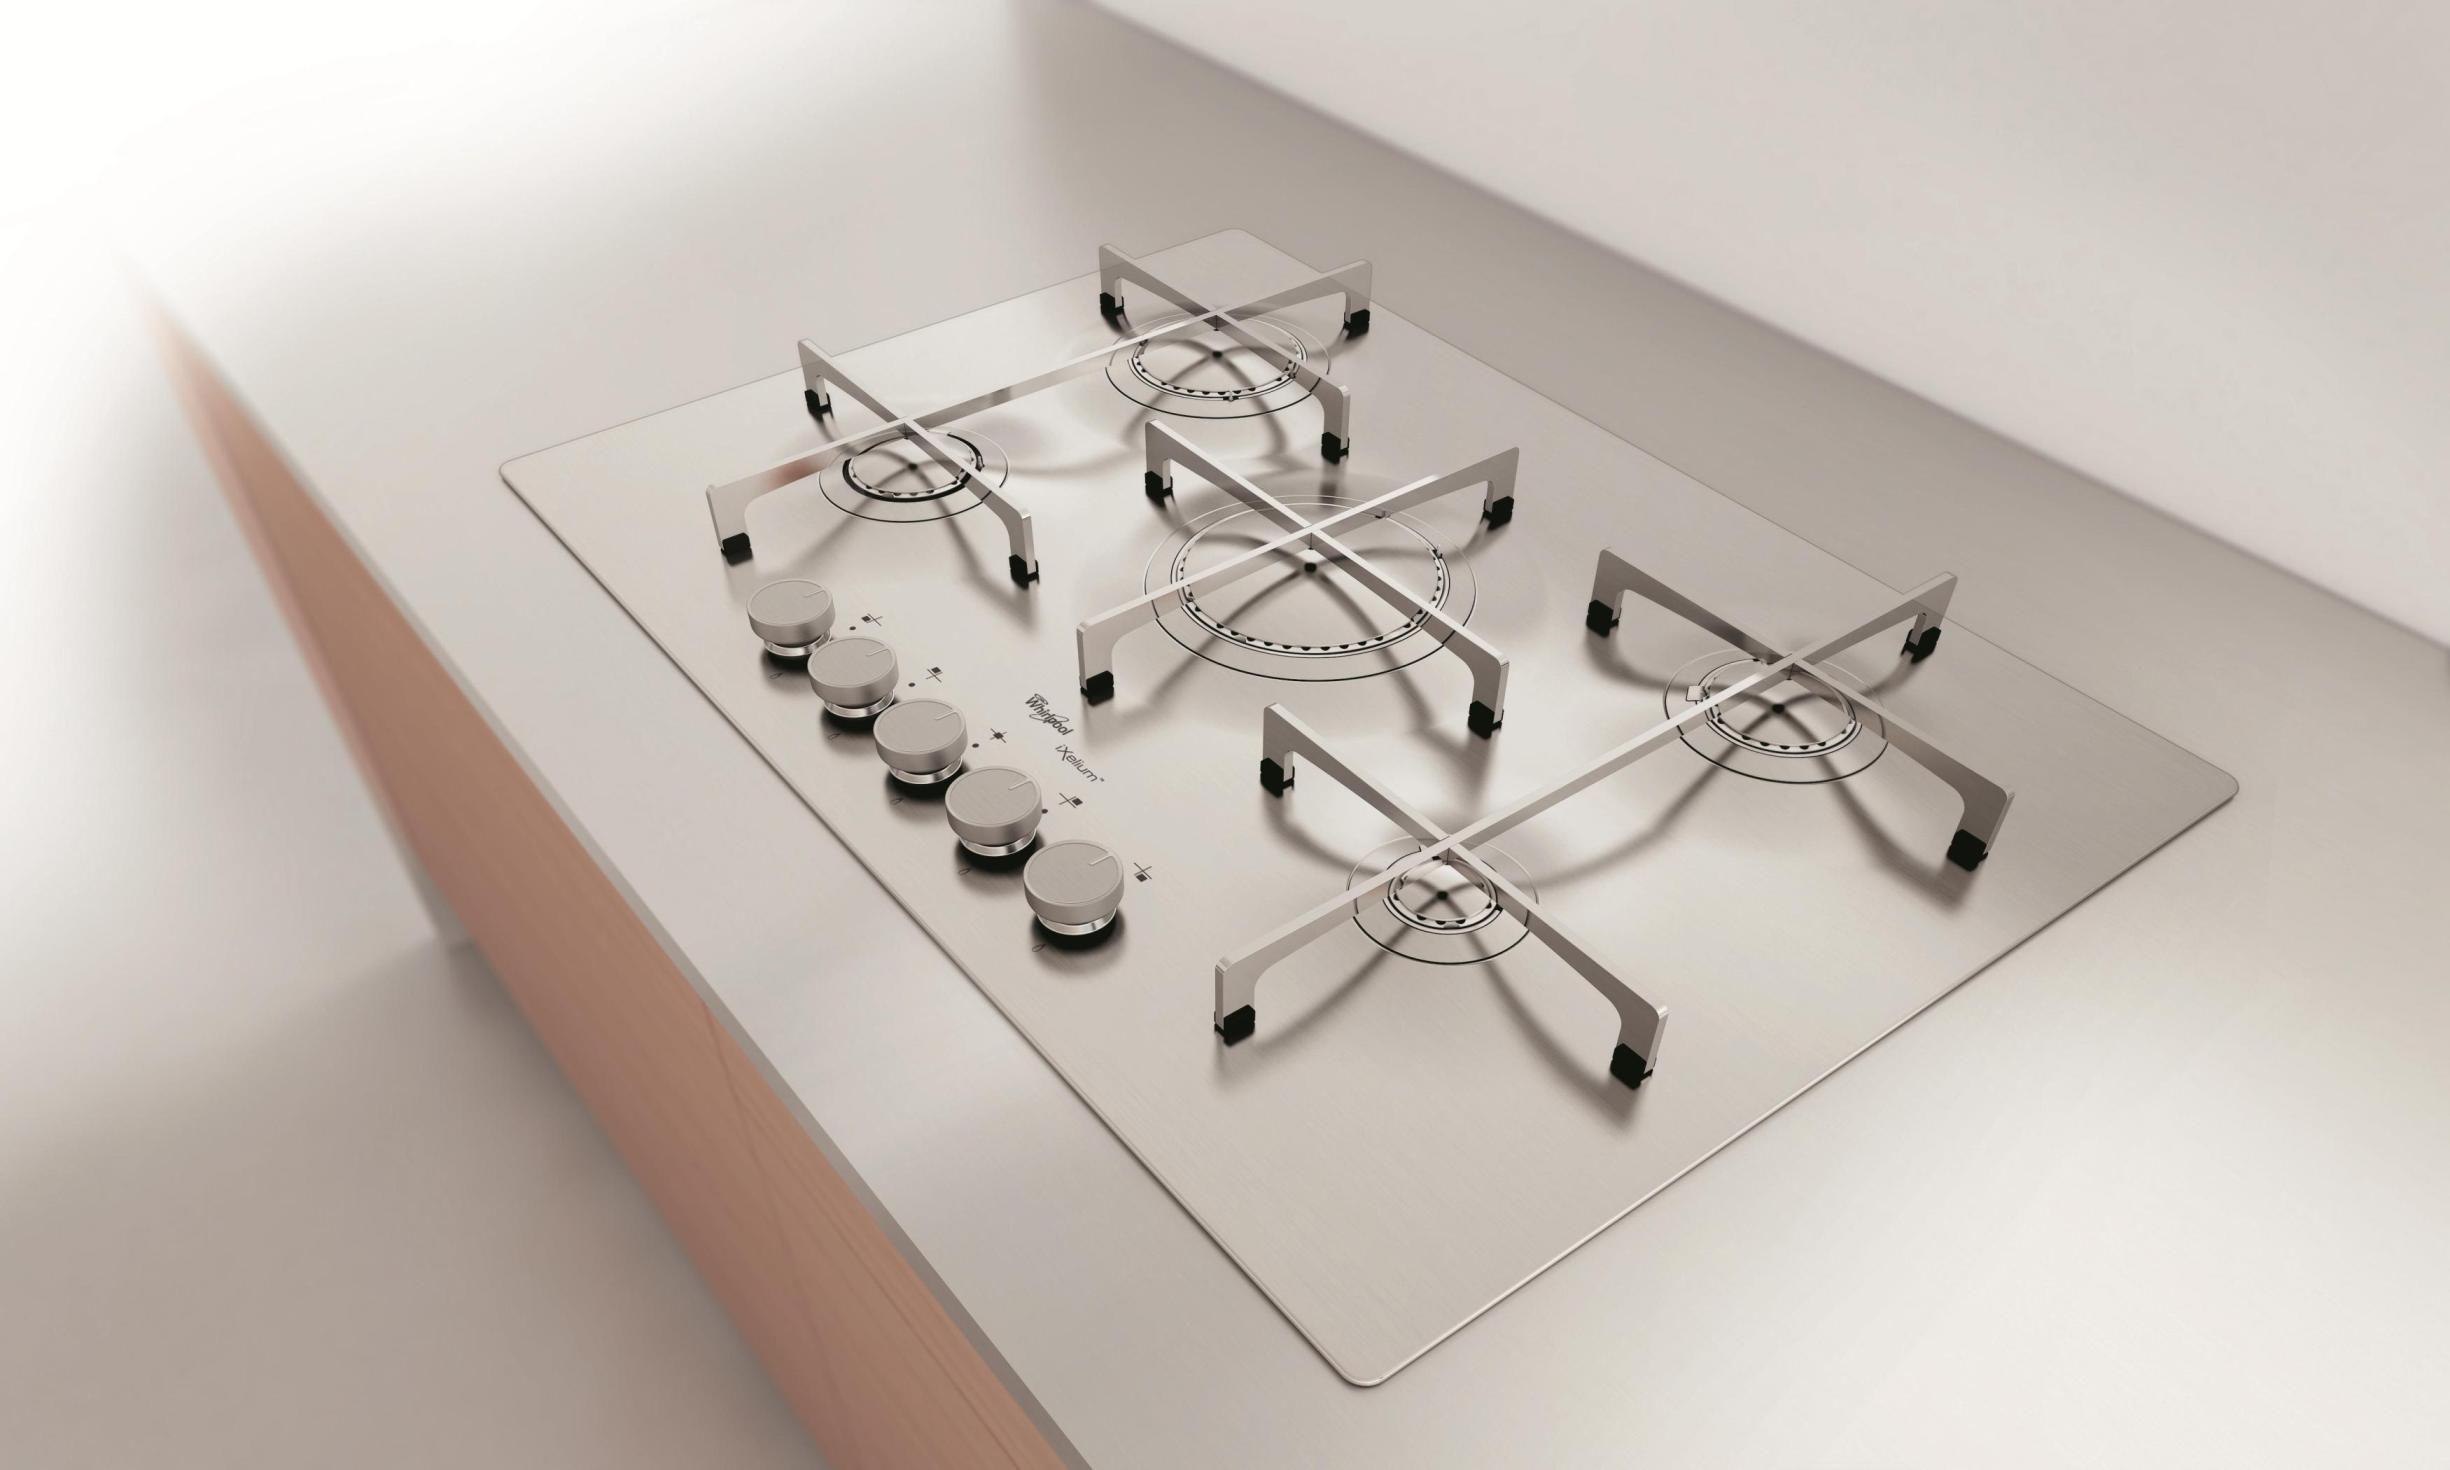 SMEG GAS GRES - Cerca con Google | Appliances | Pinterest